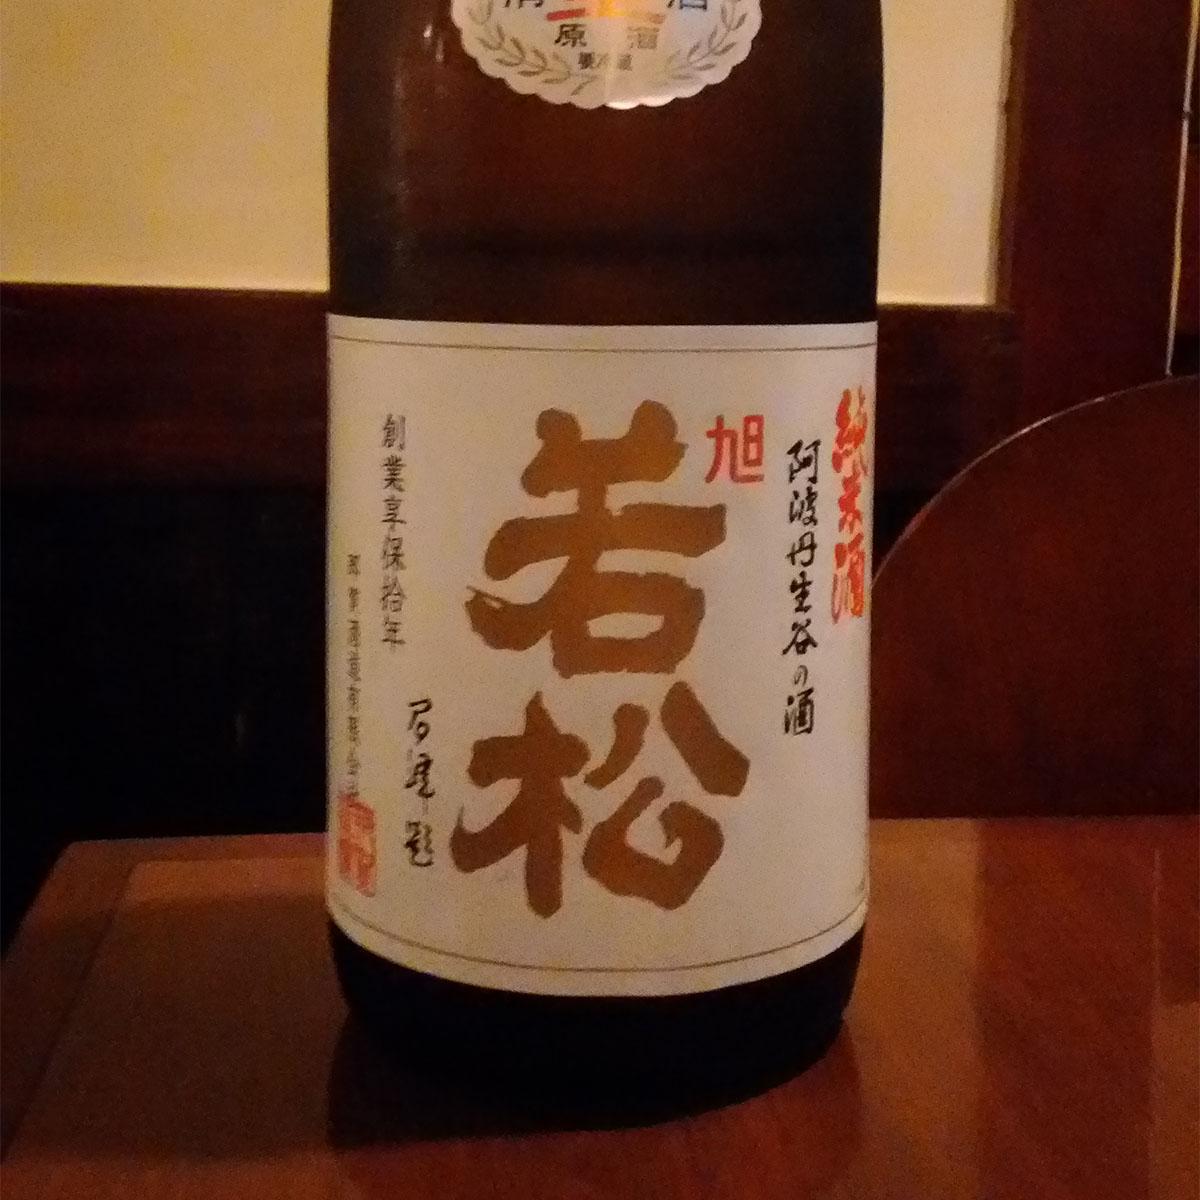 旭若松 純米酒